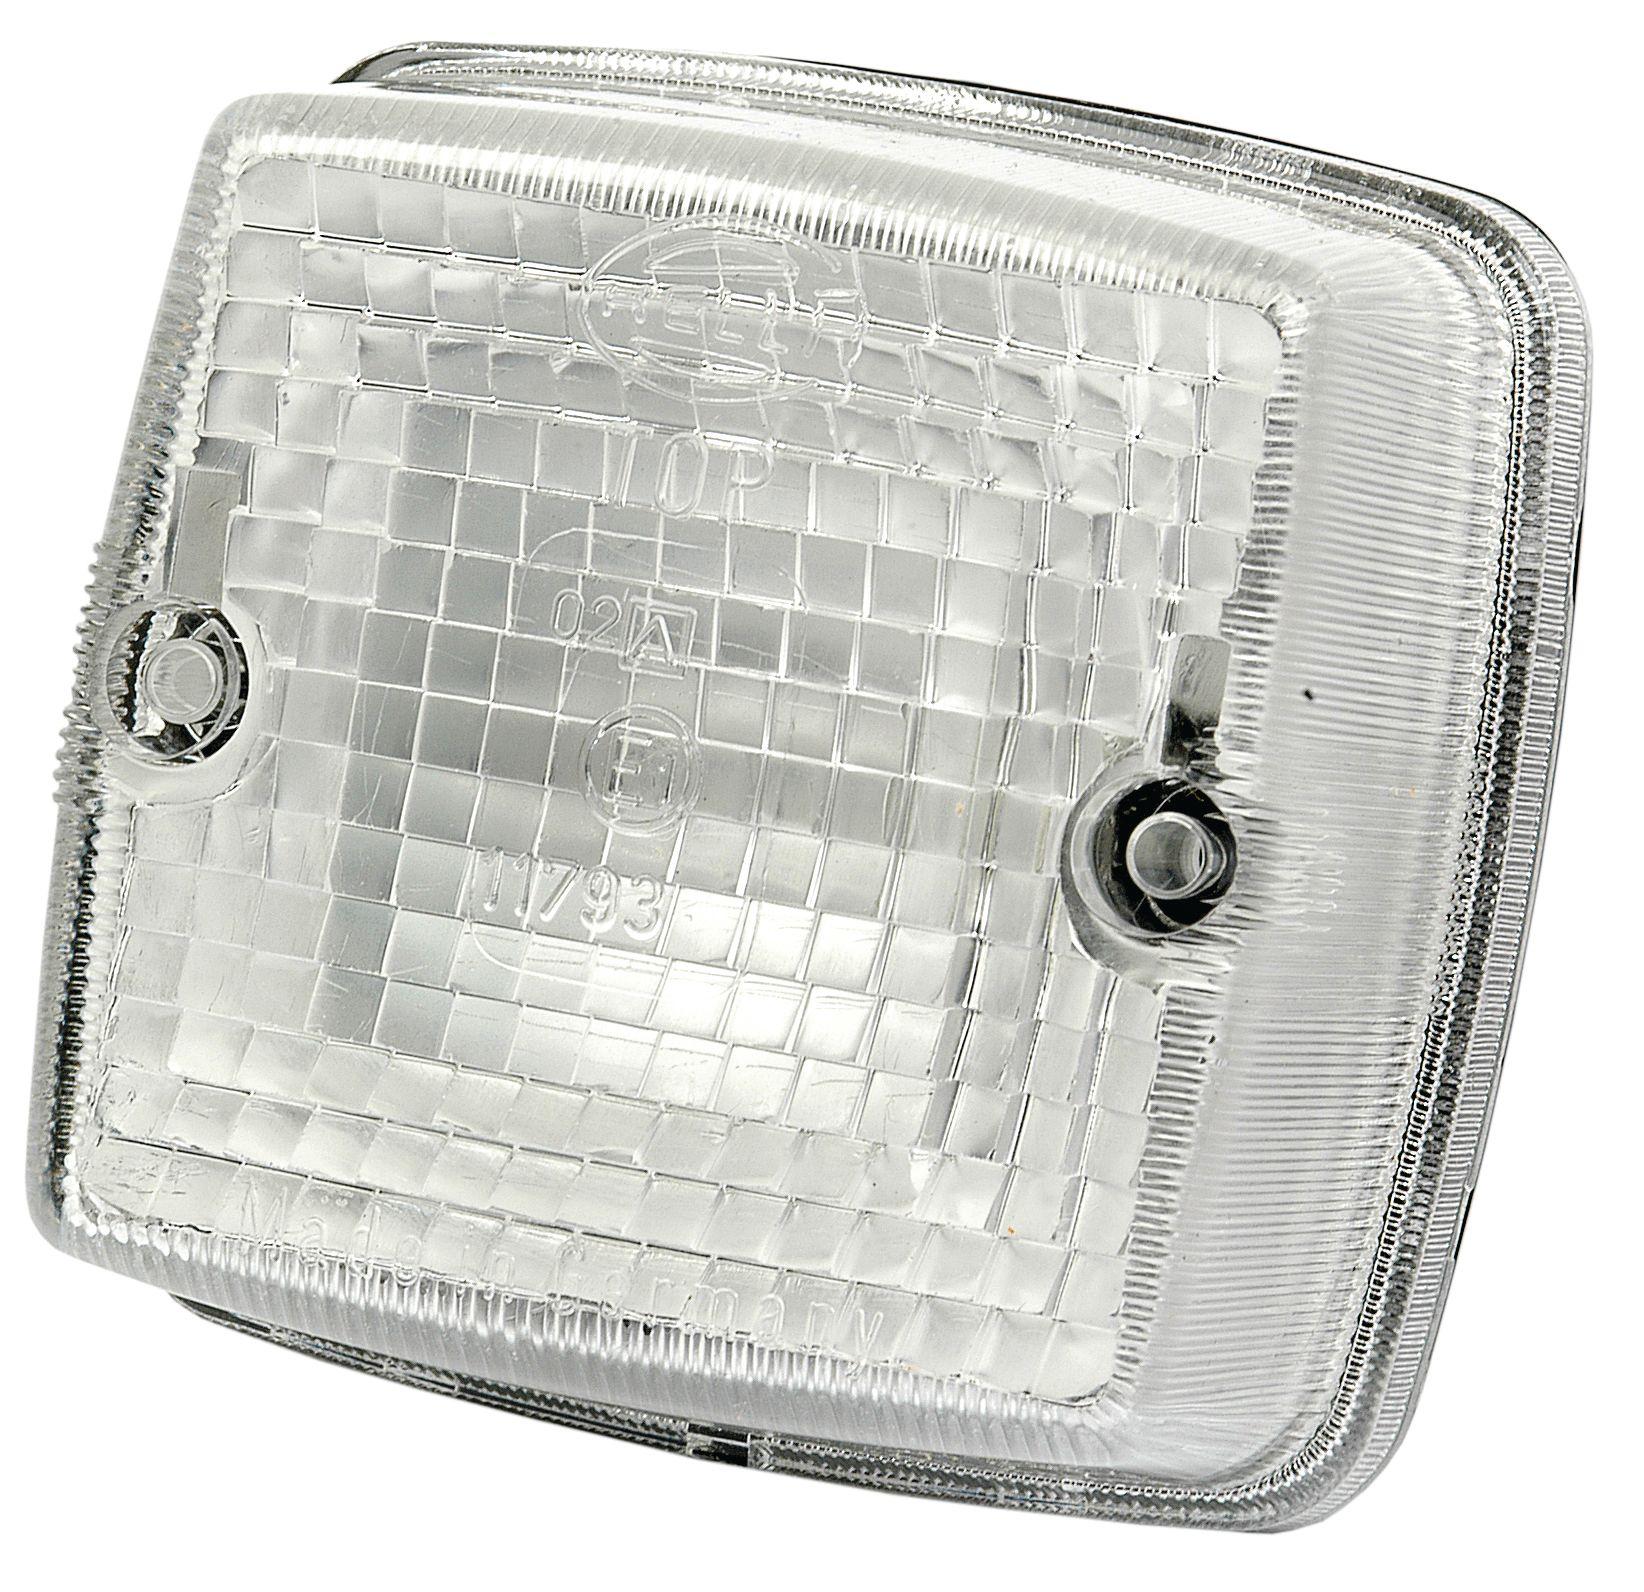 CASE IH LIGHT-MARKER-LH/RH 56034